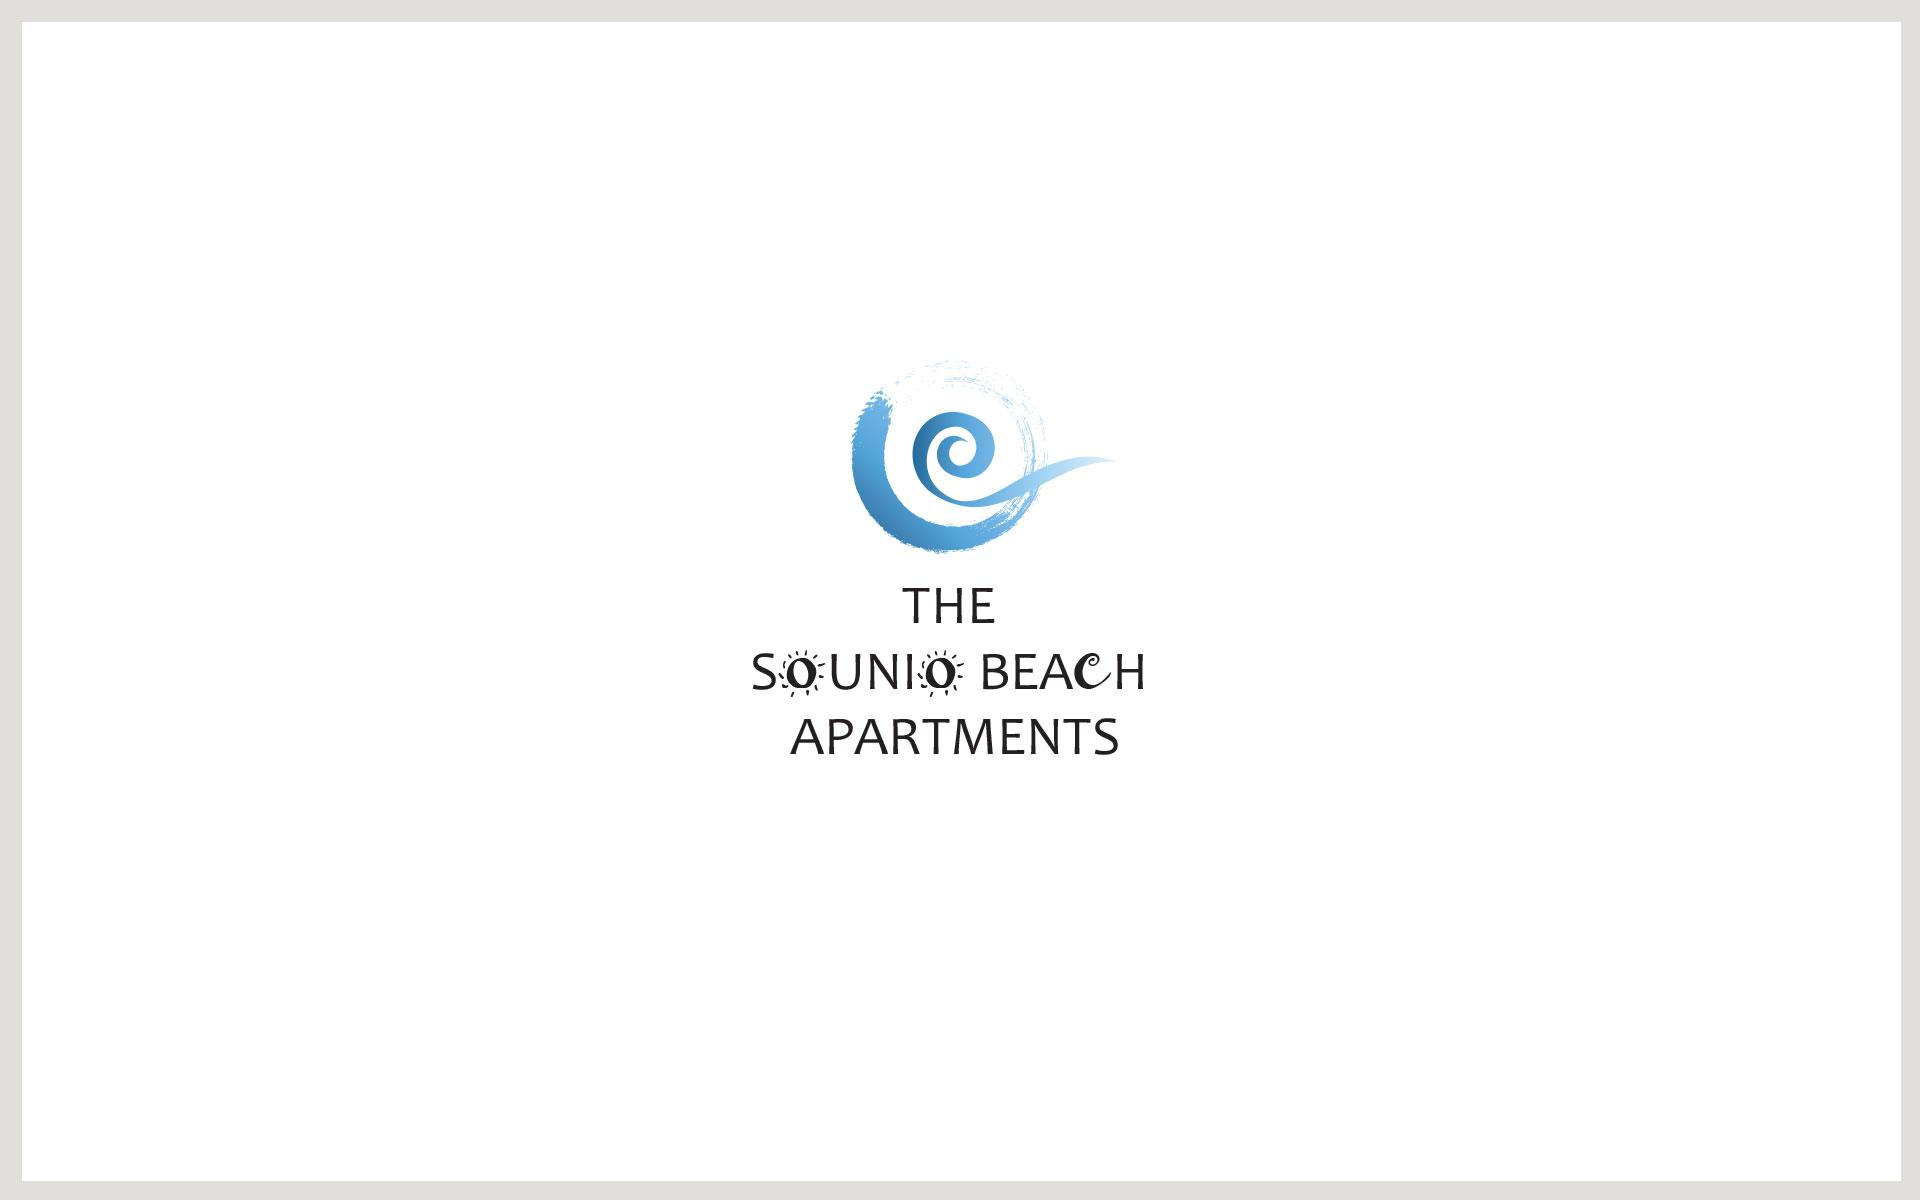 SOUNIO BEACH APARTMENTS LOGO